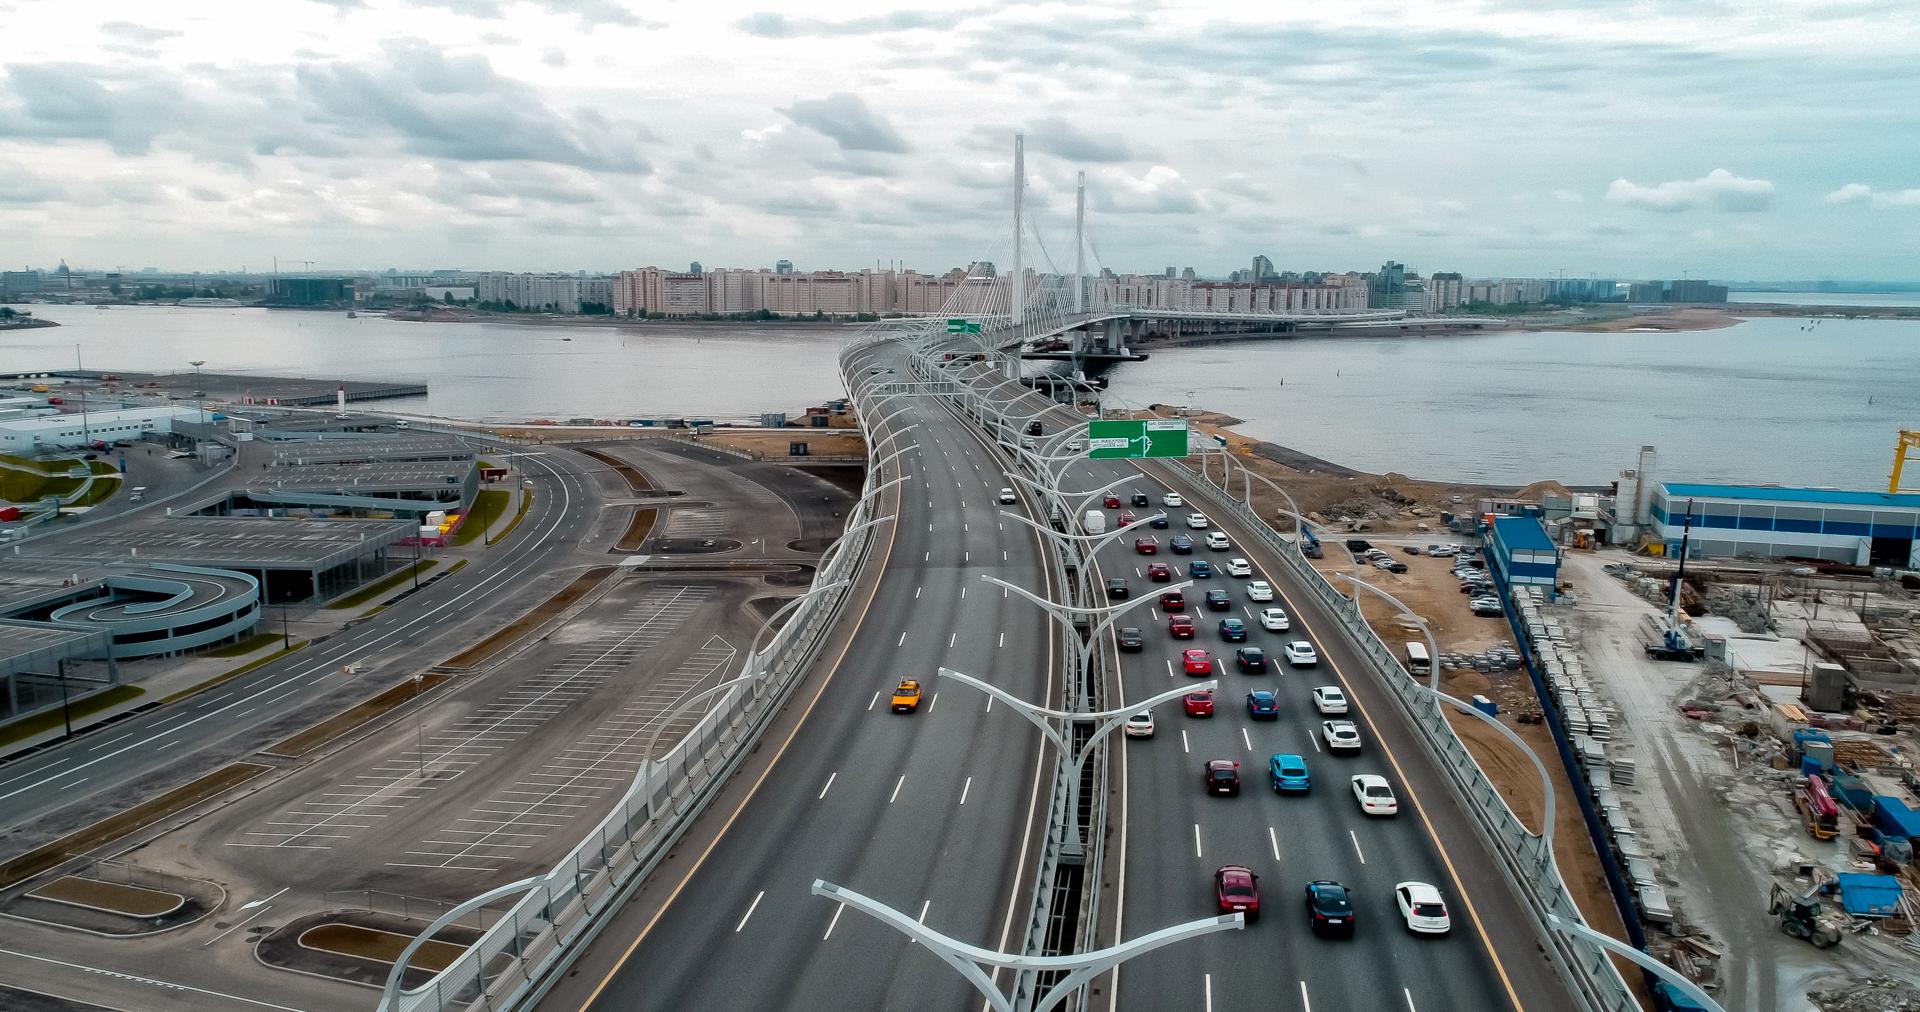 Автомобильная Россия: масштабный флешмоб в Санкт-Петербурге